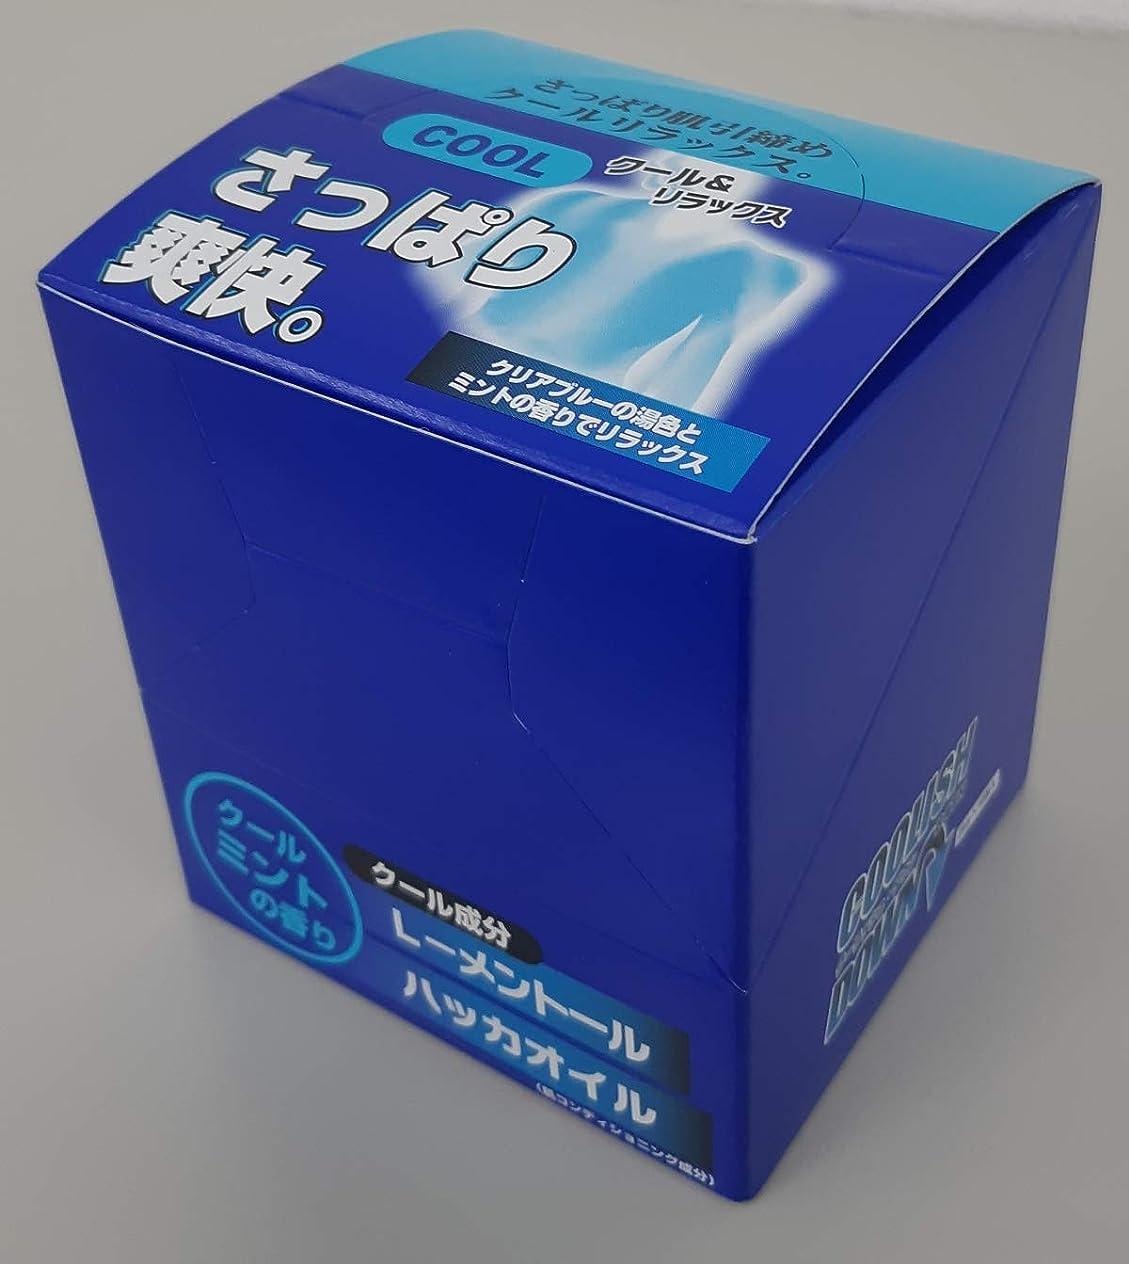 入浴作業ワックス五洲薬品 クーリッシュダウン 25g×10包入